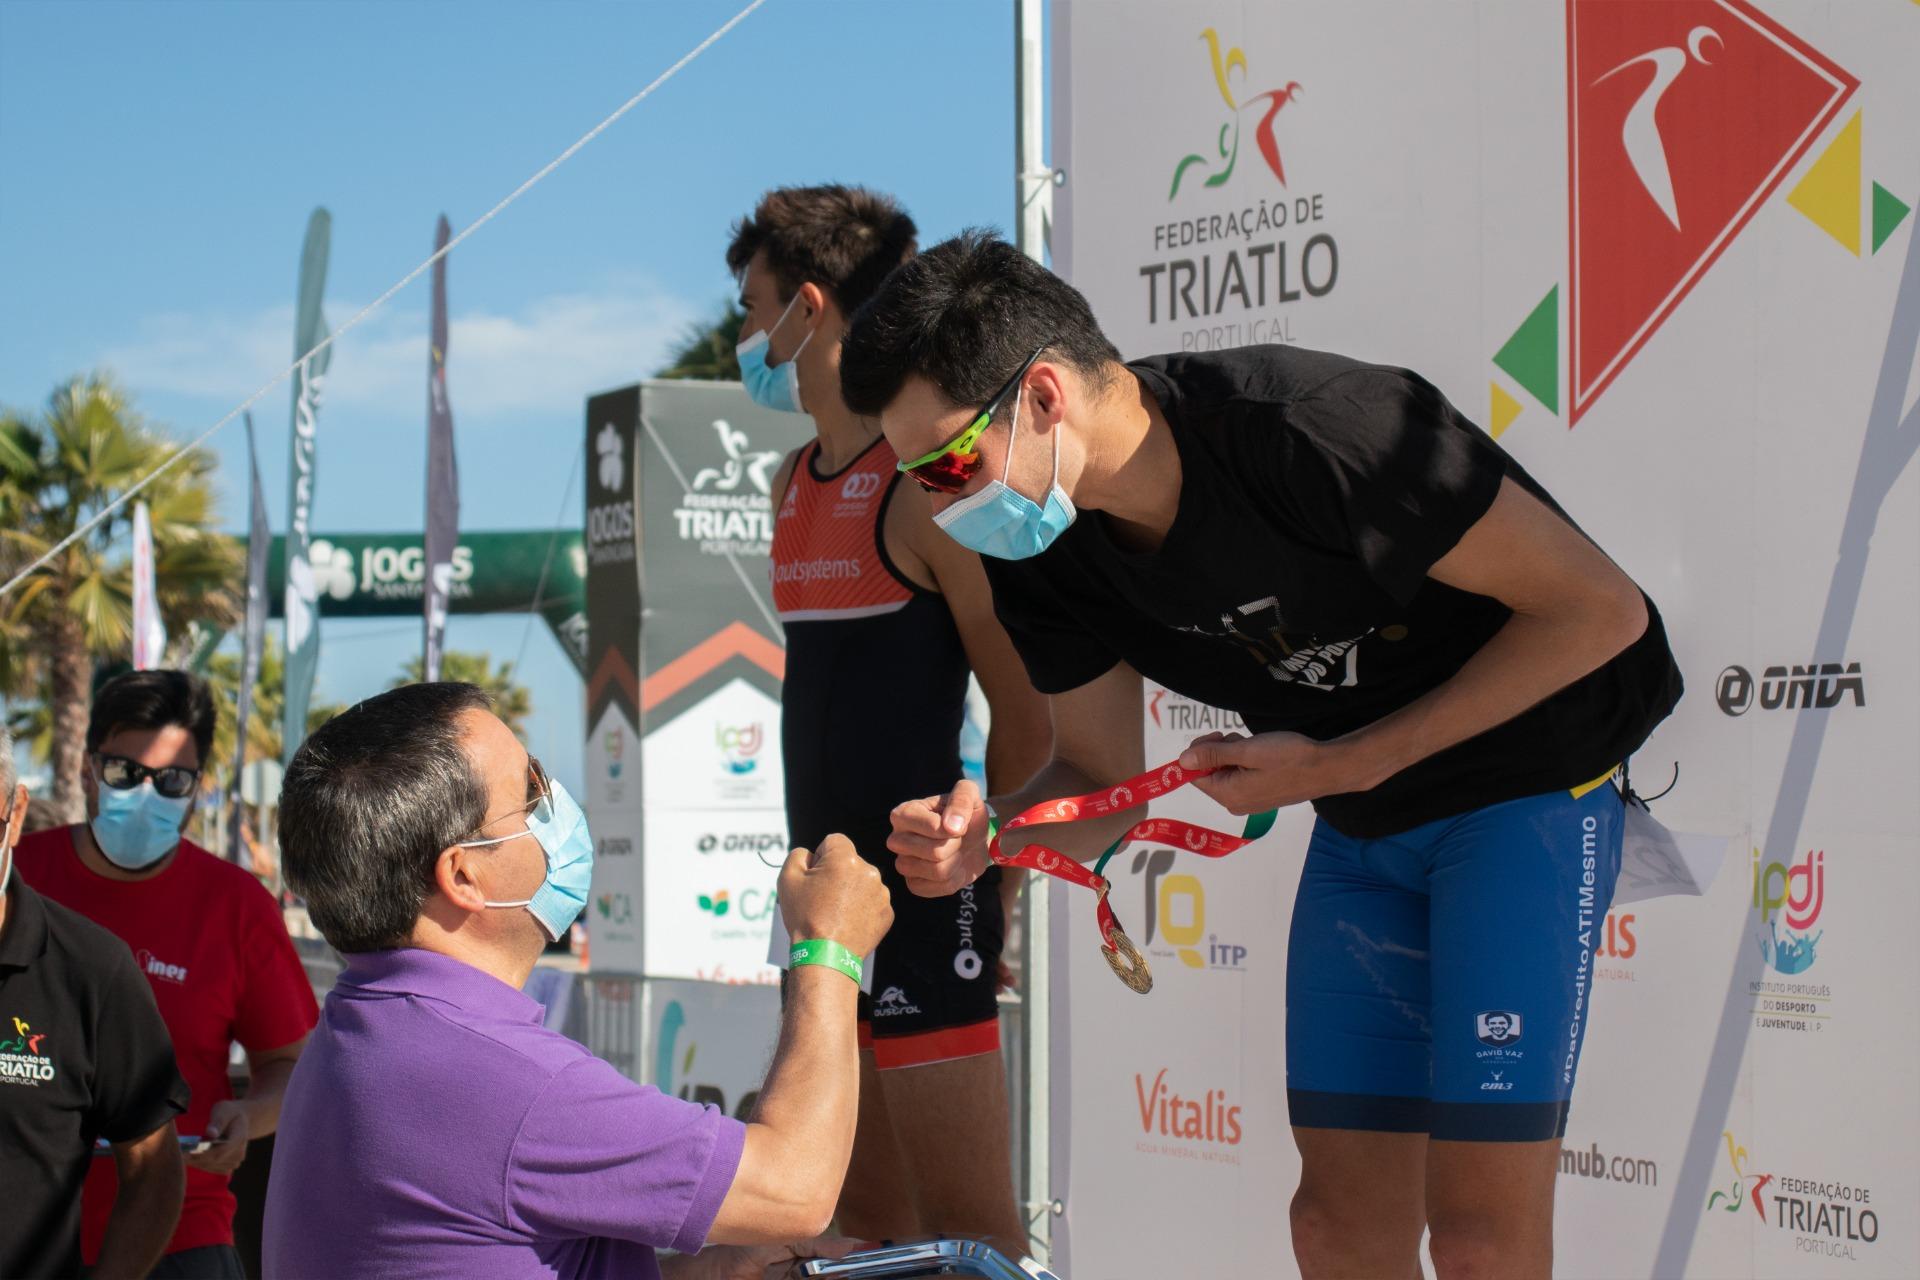 Estudante-atleta Gil Maia a receber a medalha de ouro no pódio do Campeonato nacional universitário de triatlo, em leiria